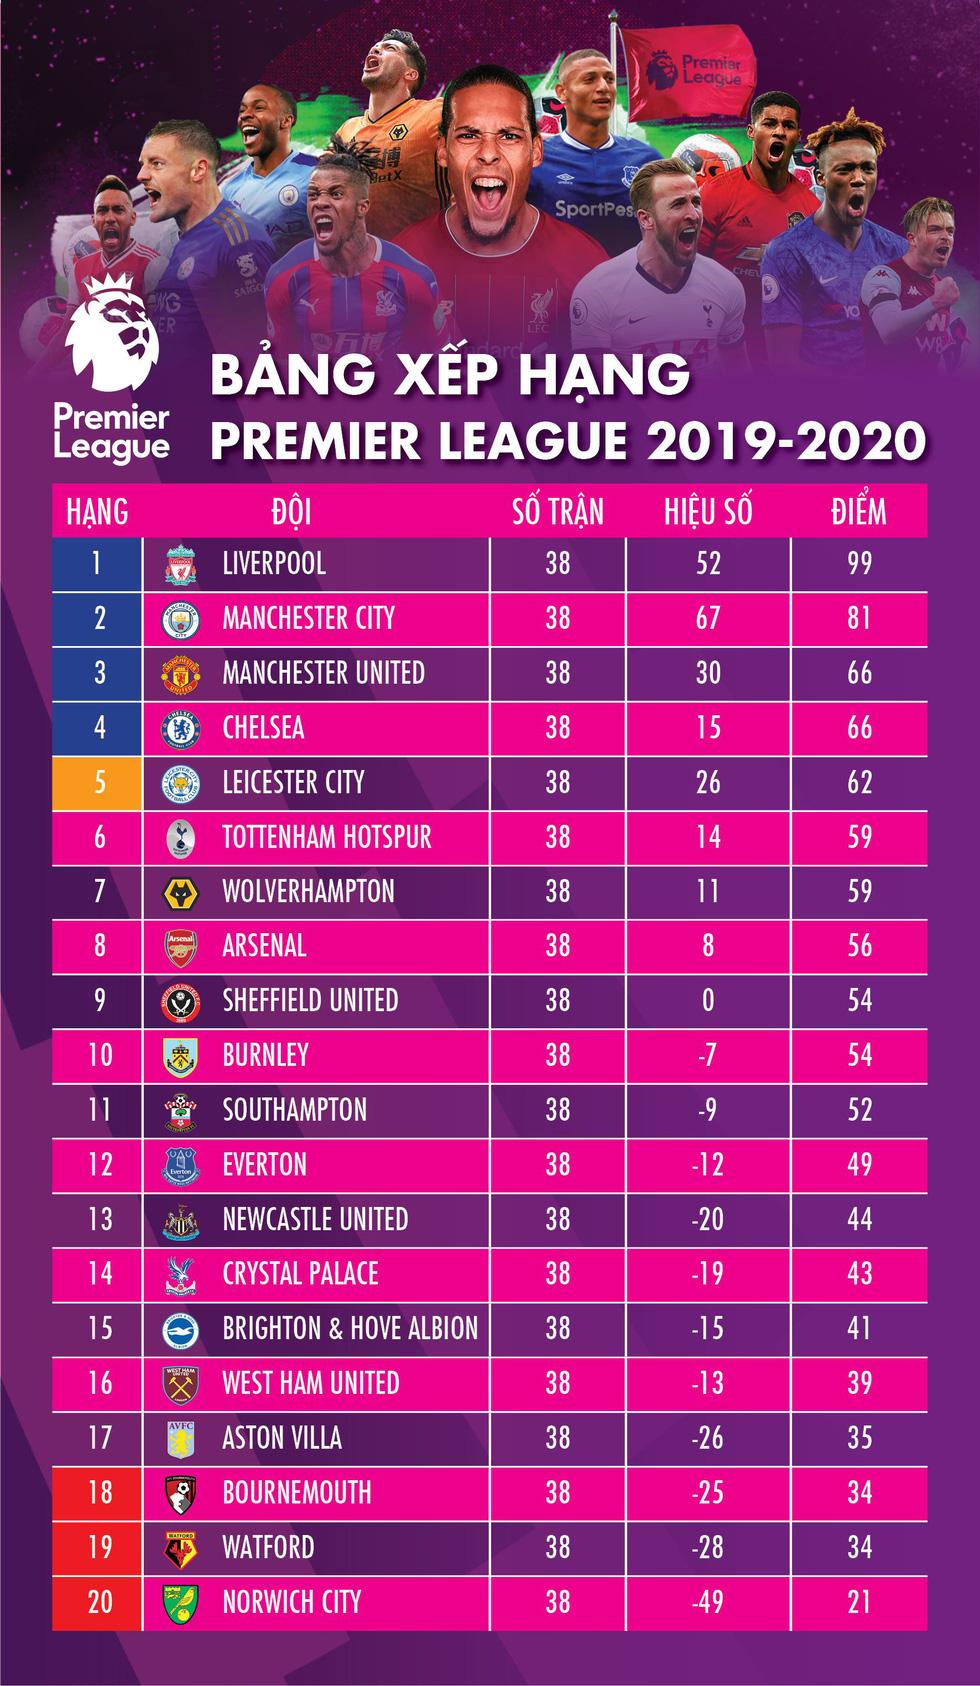 Những thống kê đáng chú ý của Premier League mùa giải 2019-2020 - Ảnh 1.